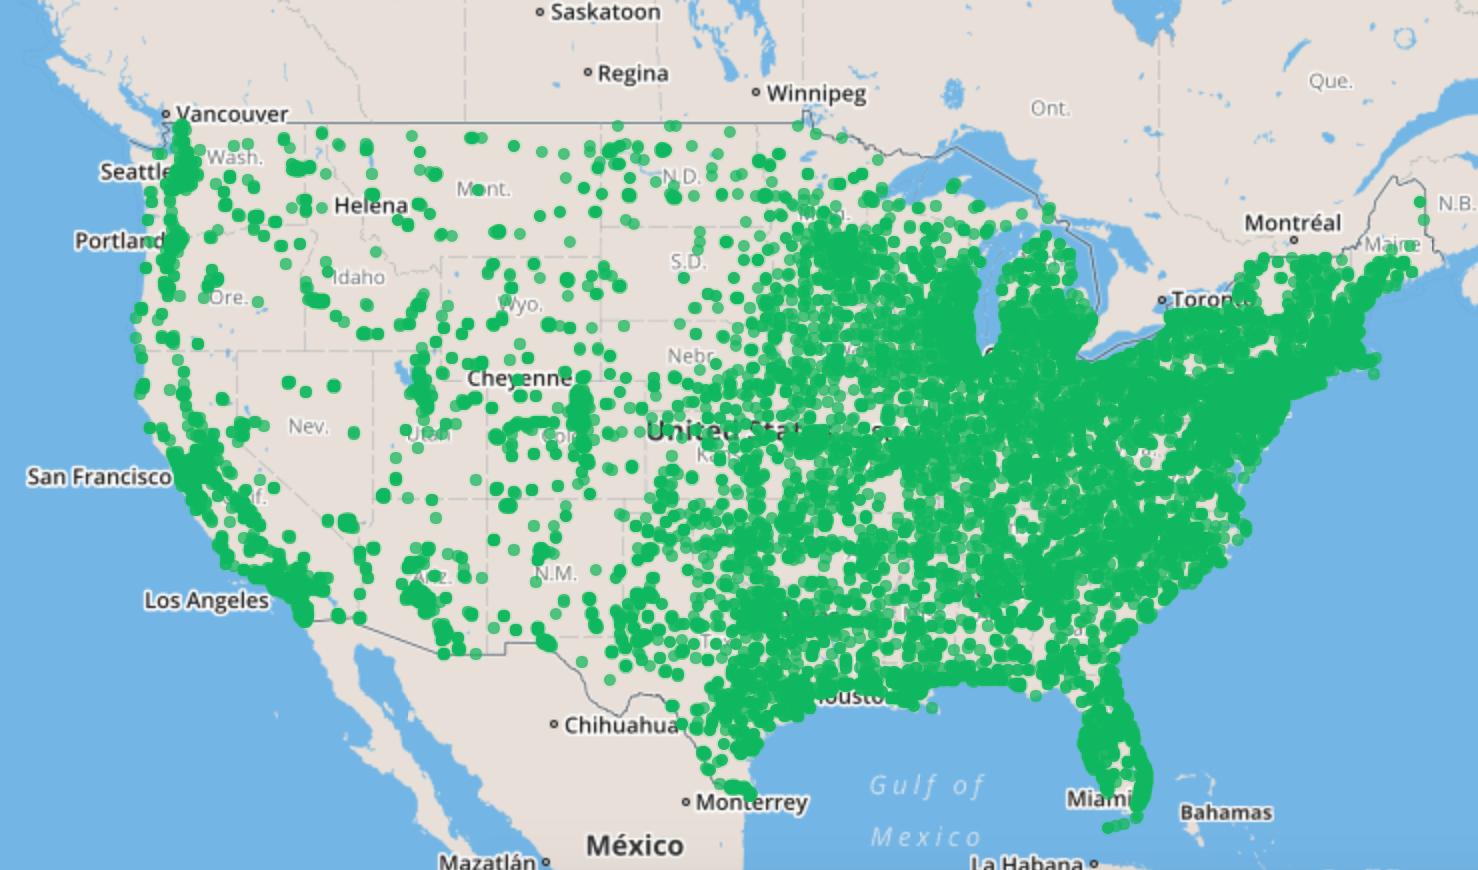 Msi density coverage